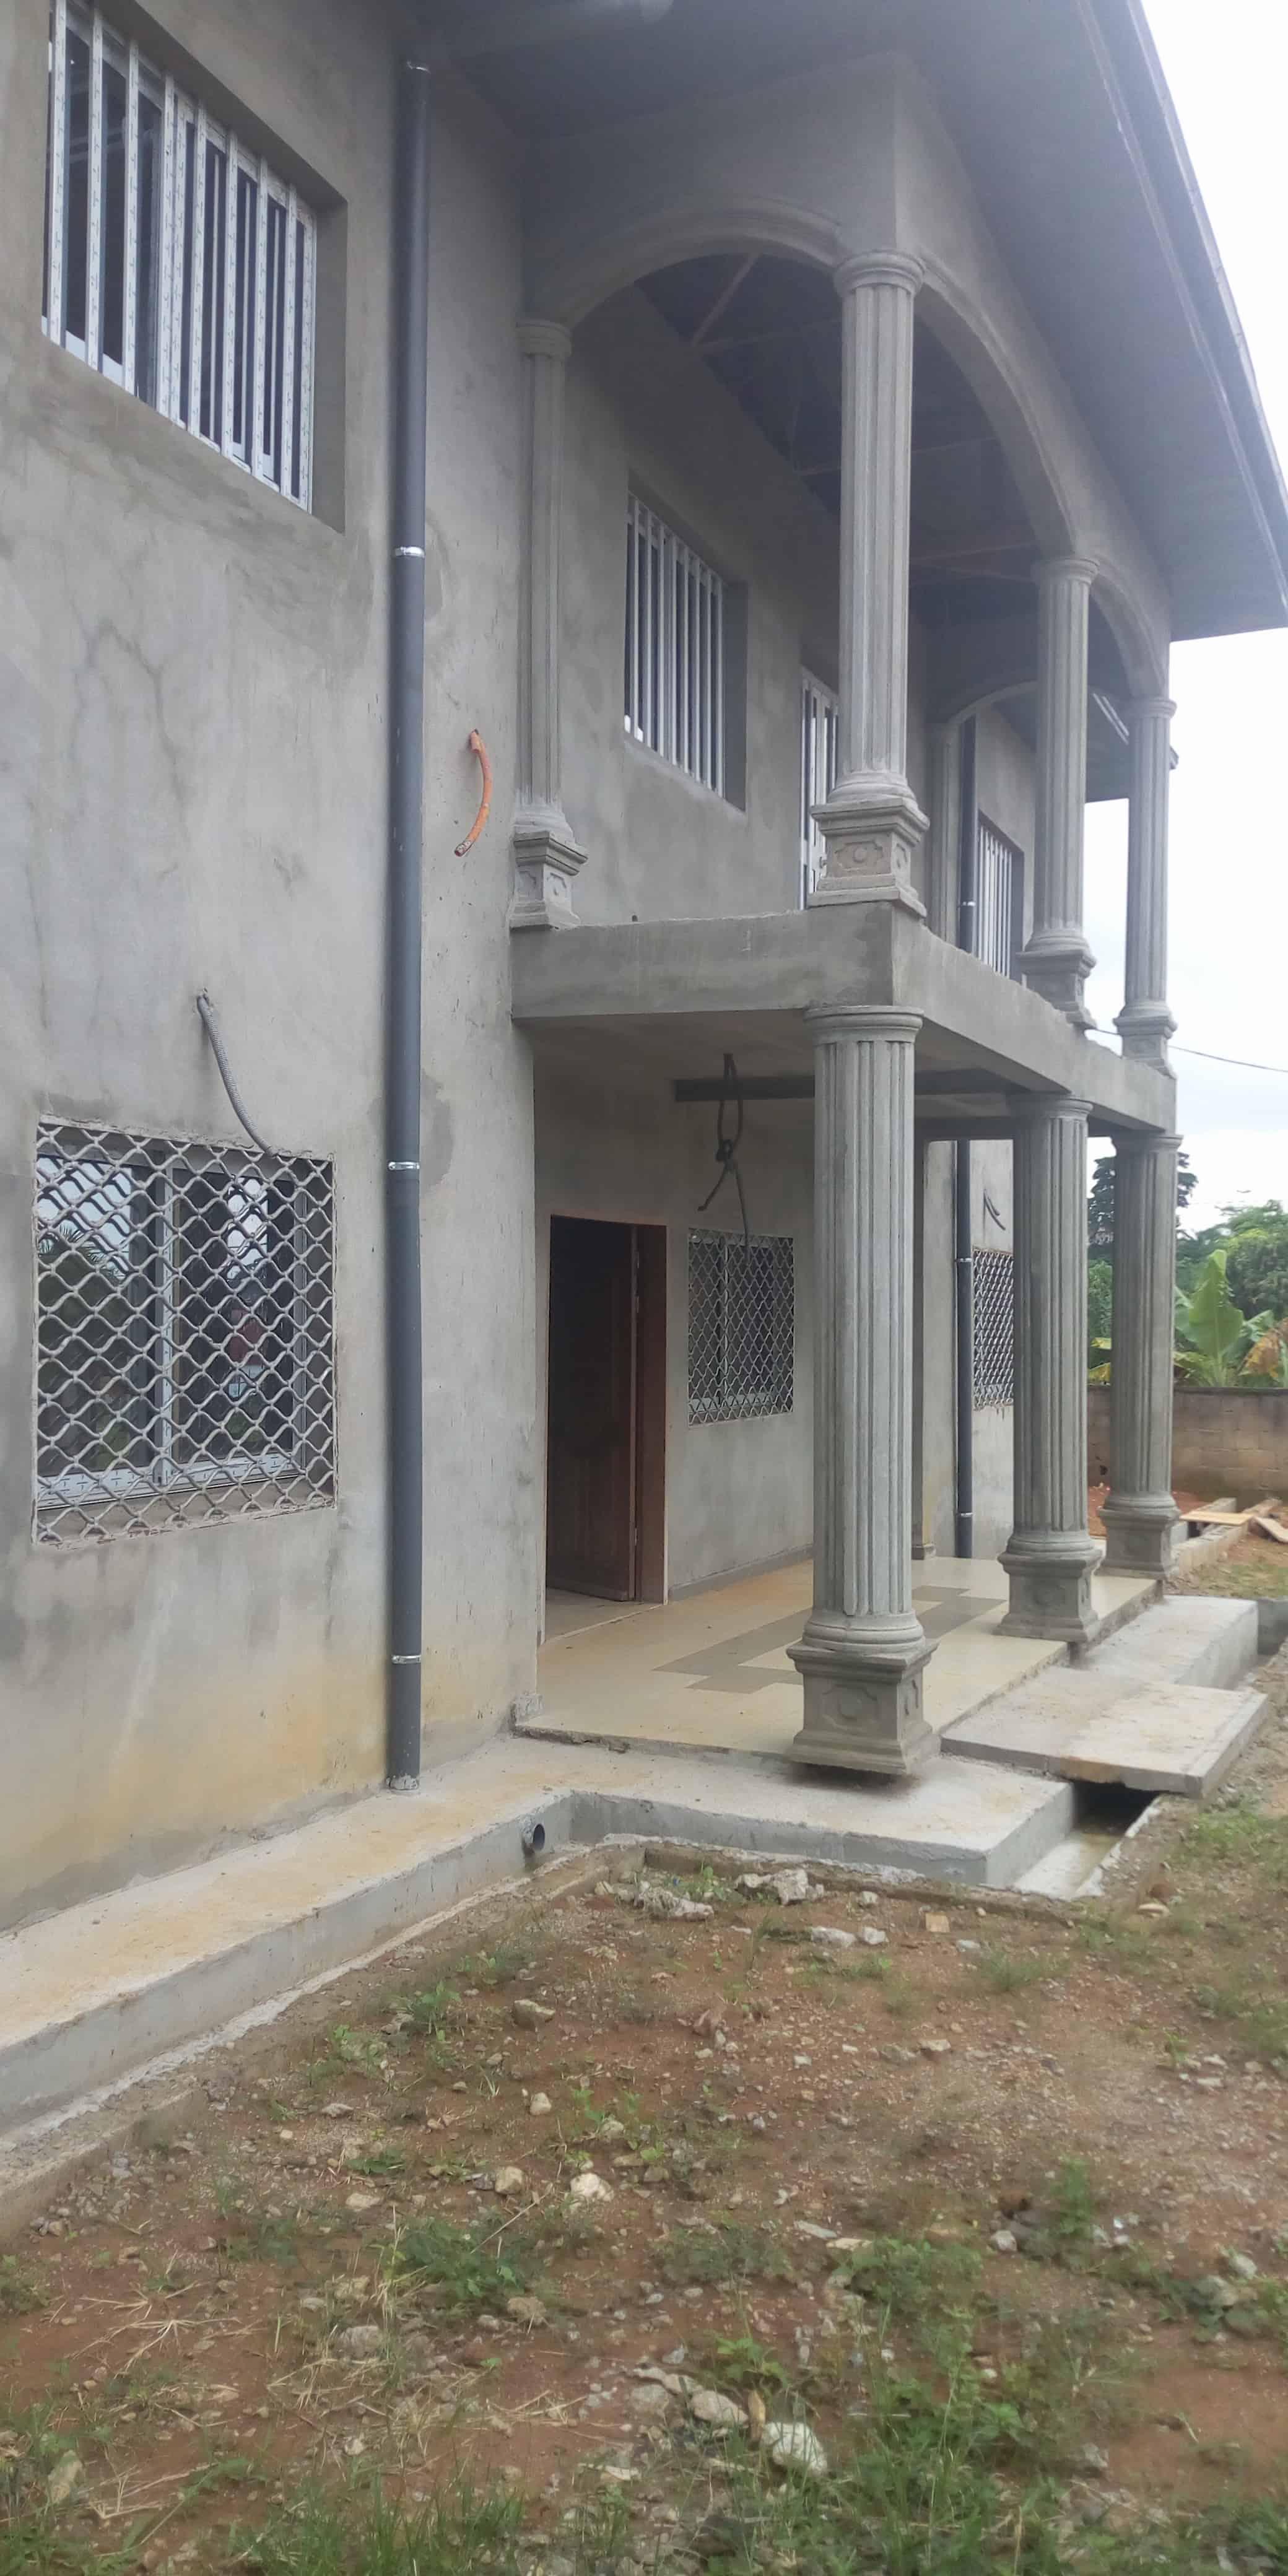 House (Villa) to rent - Yaoundé, Simbock, Duplex à louer inachevé à Yaoundé nomayos dangote - 1 living room(s), 4 bedroom(s), 3 bathroom(s) - 380 000 FCFA / month